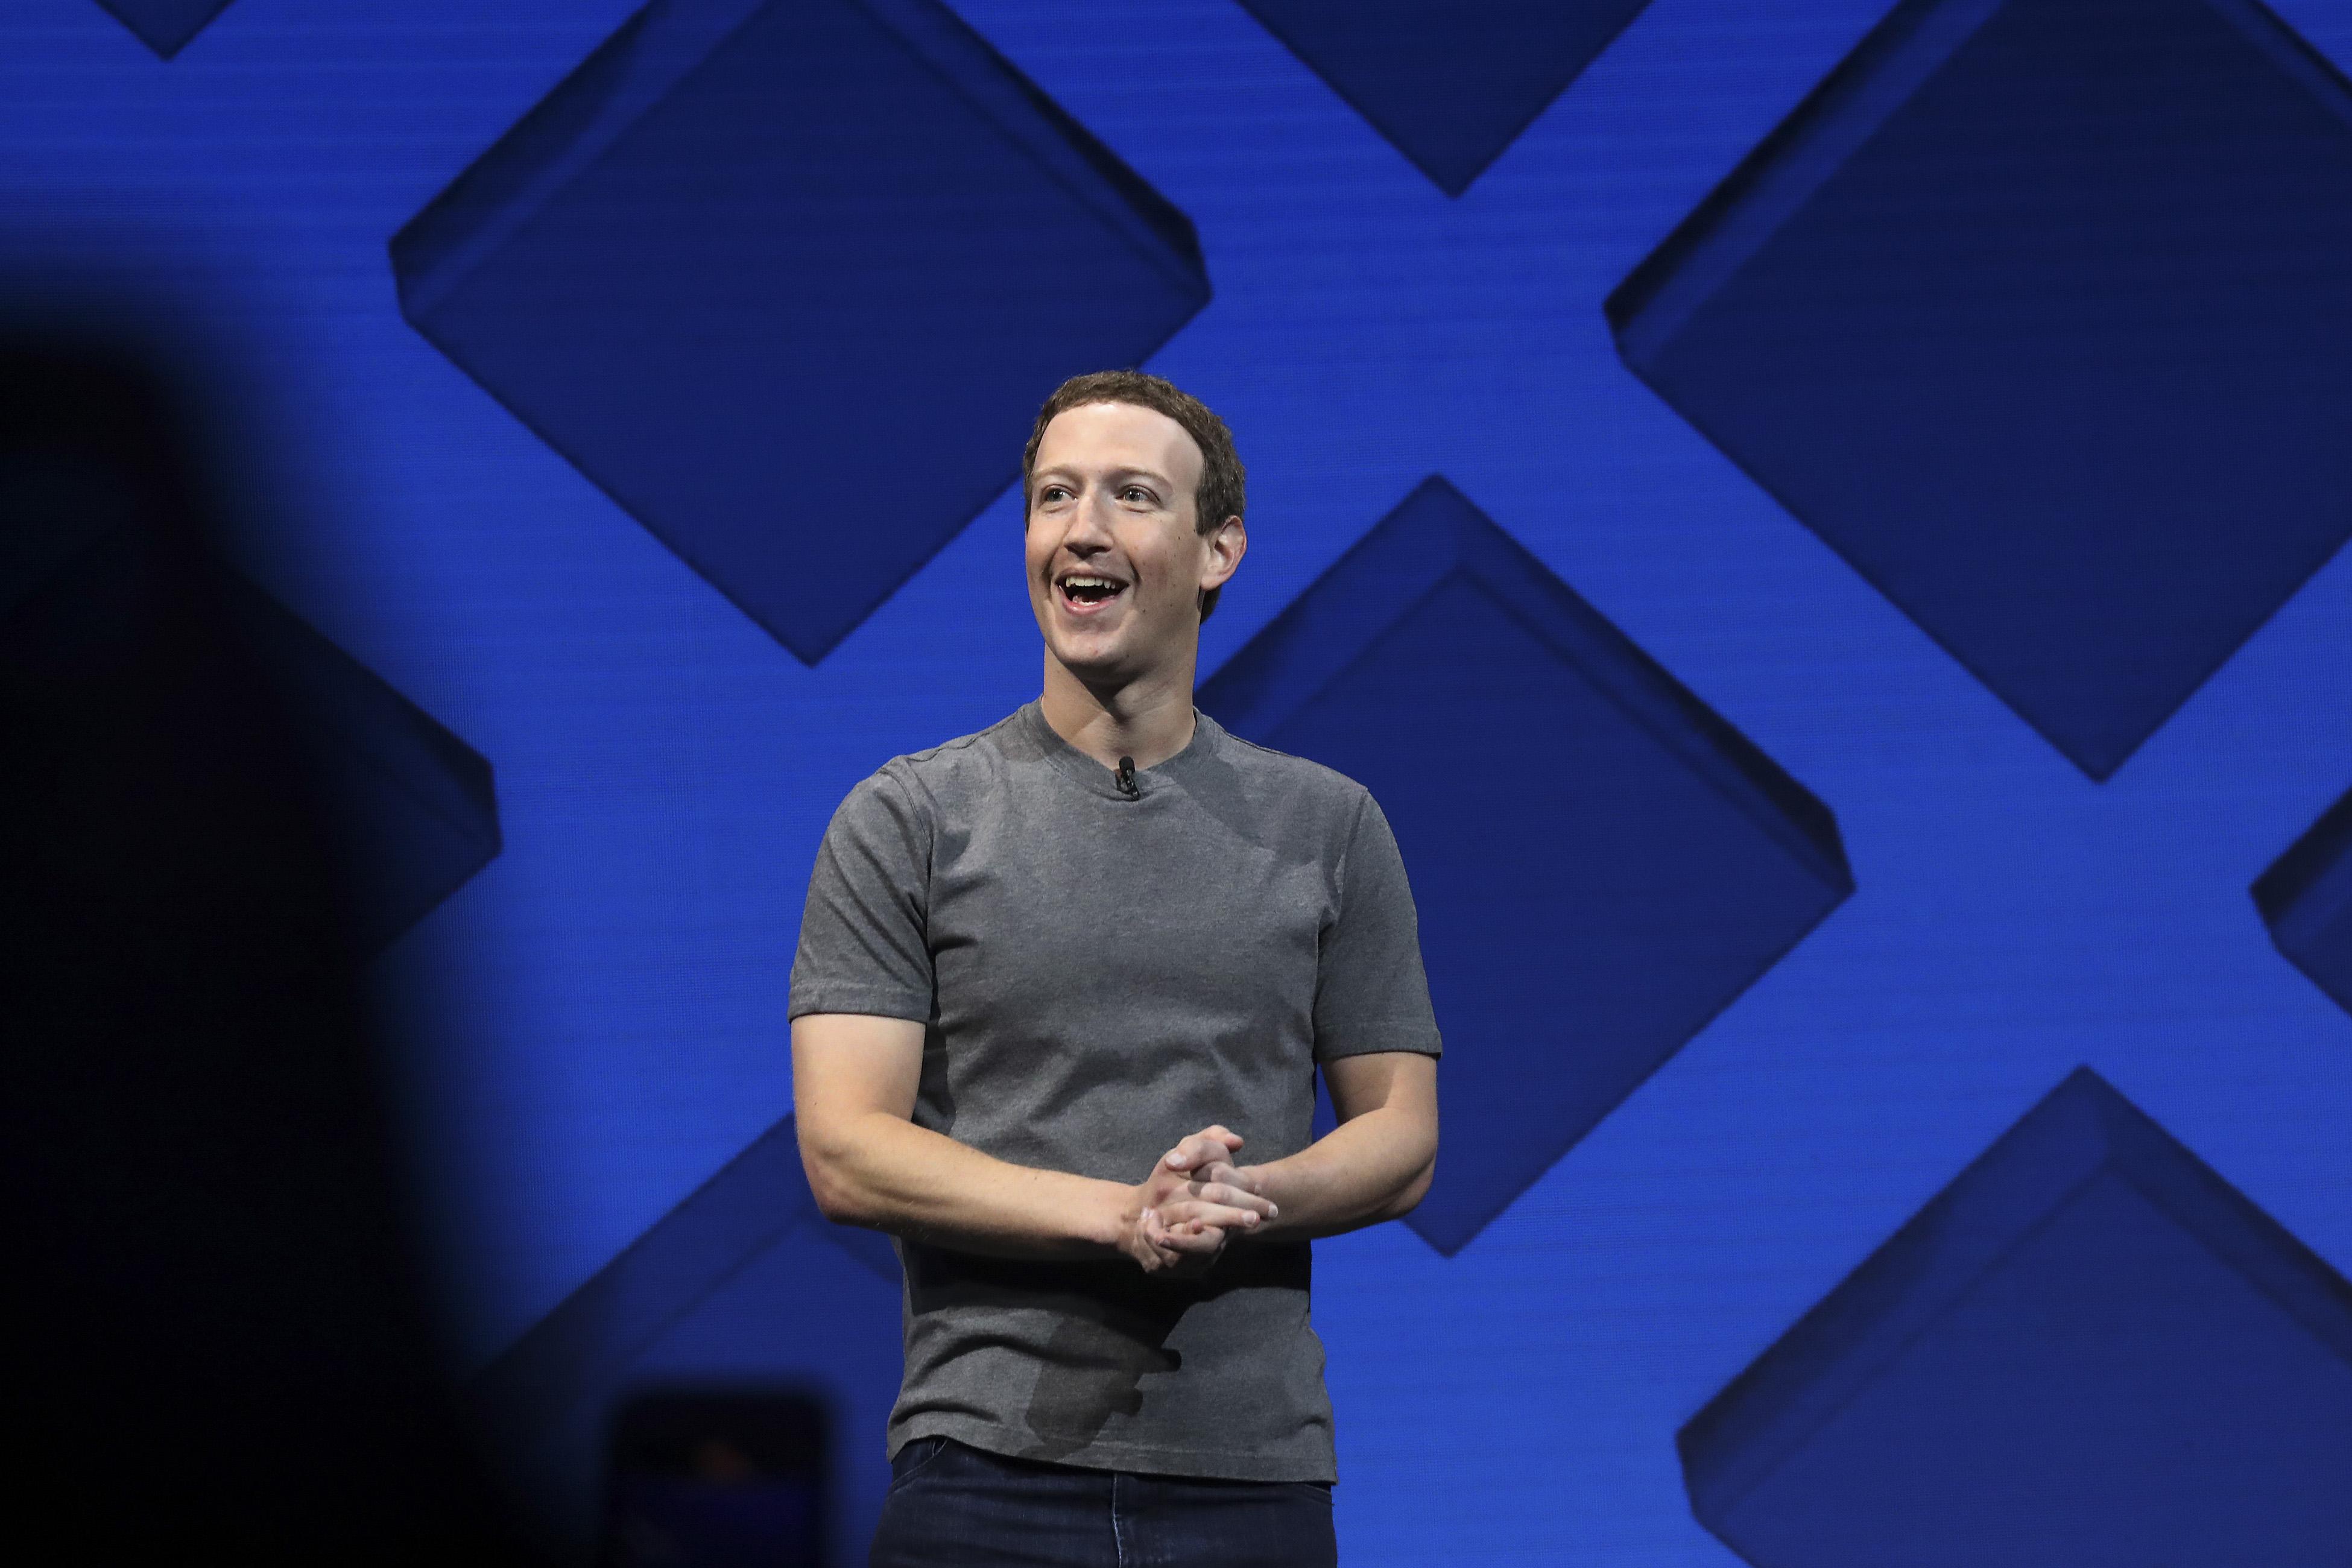 Mark Zuckerberg, desea incrementar la utilidad de la red social para mantener a los miles de millones de usuarios de Facebook enganchados. (Foto: Archivo)